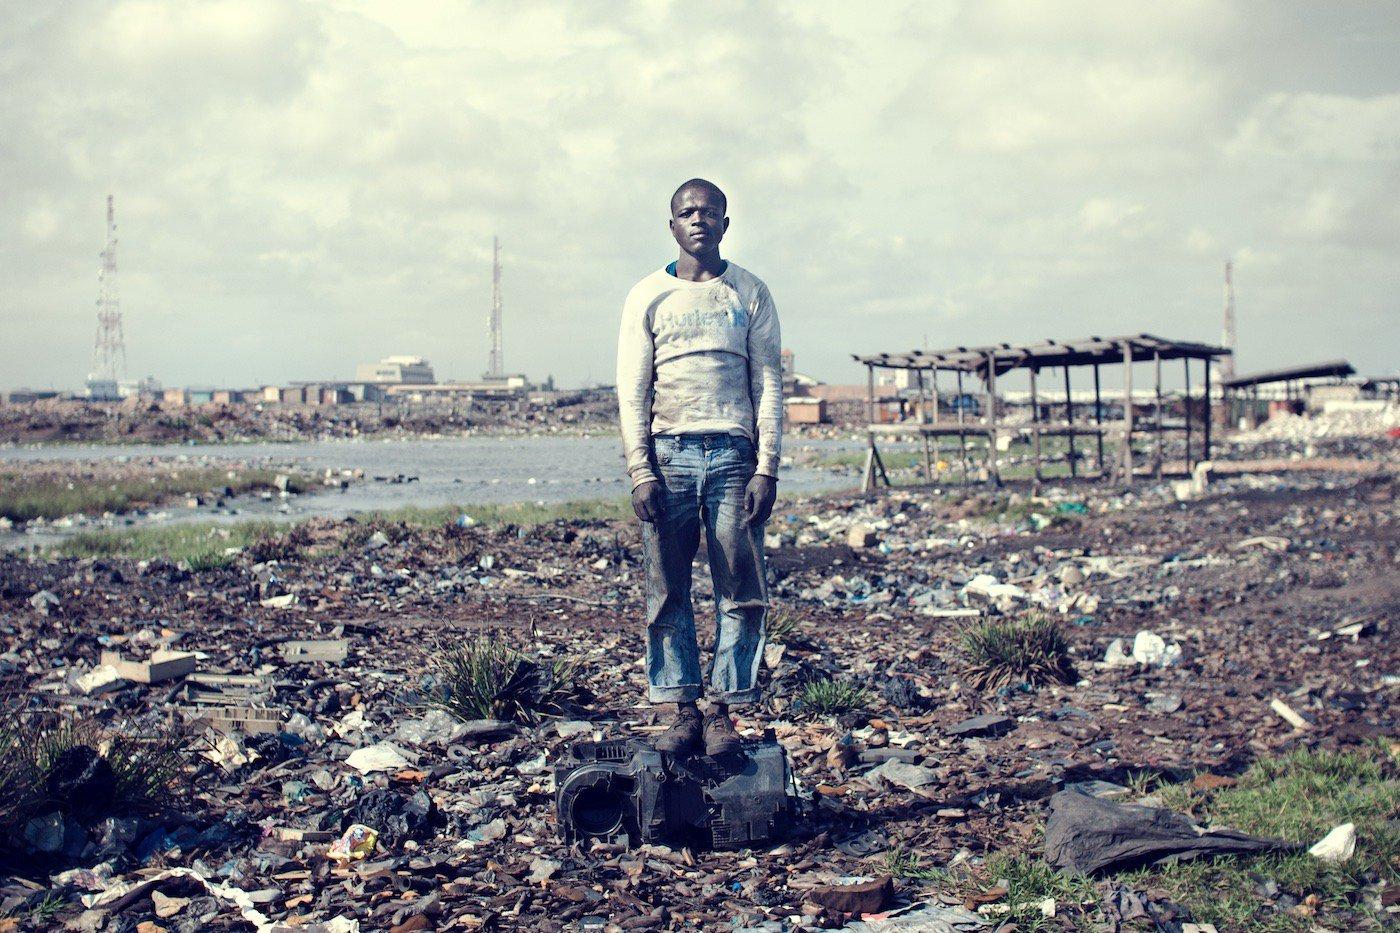 Agbogbloshie_KevinMcElvaney_Accra_e-waste-18